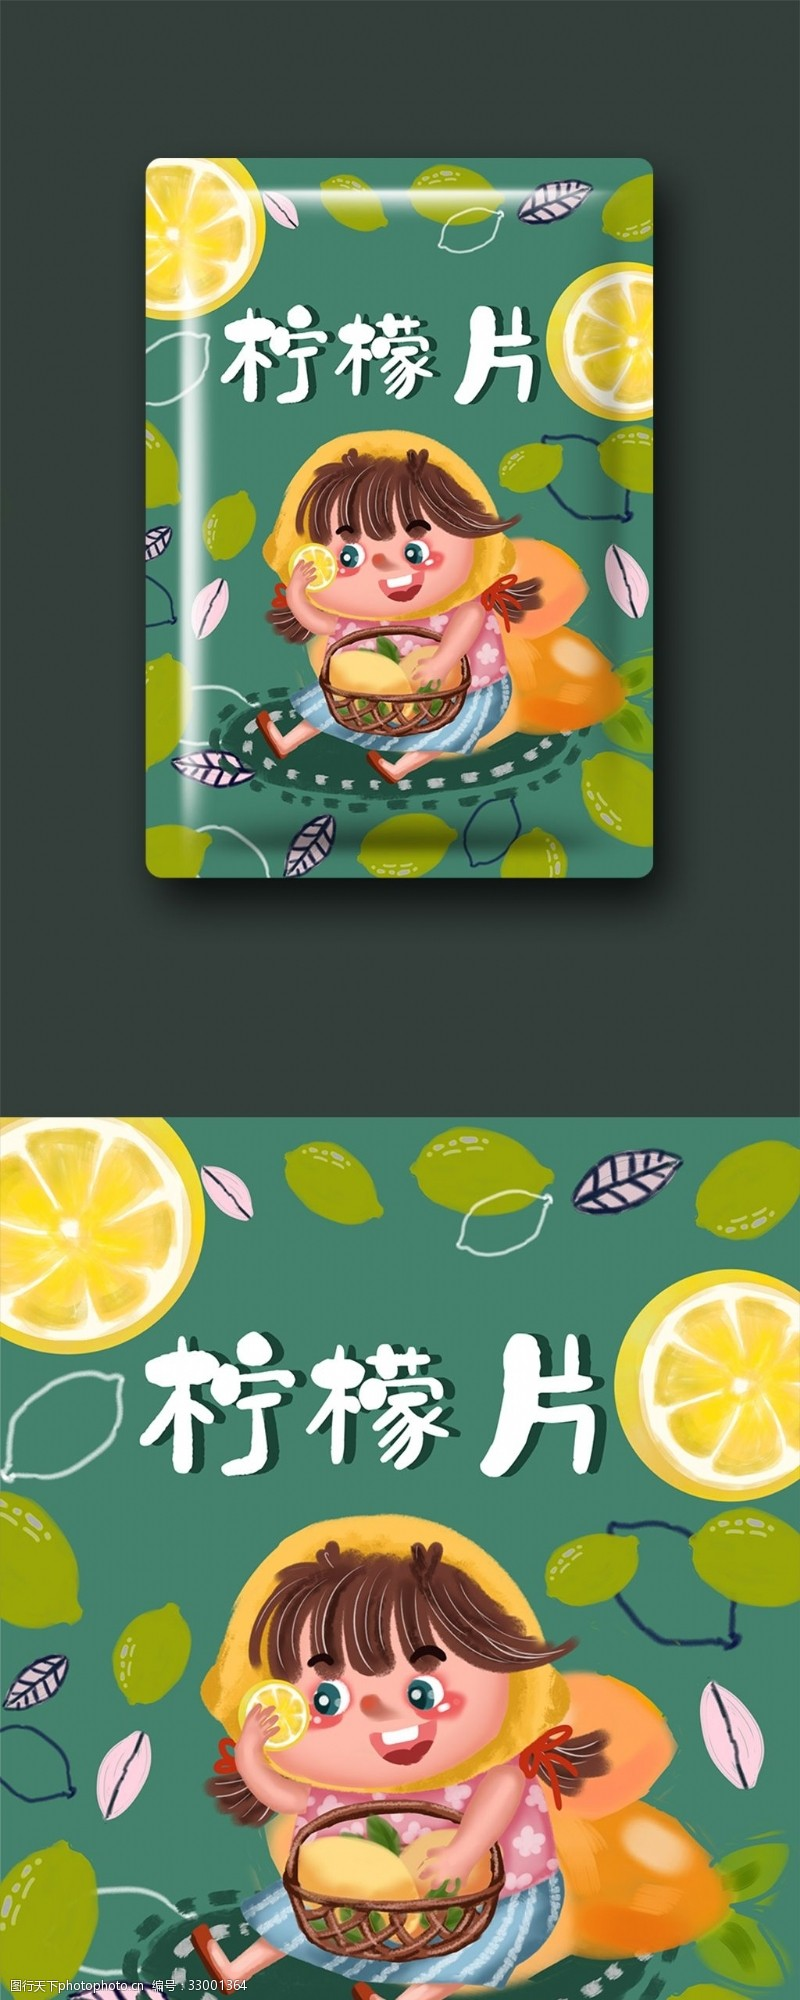 包装卡通柠檬片水果干女孩可爱美味美食黄色